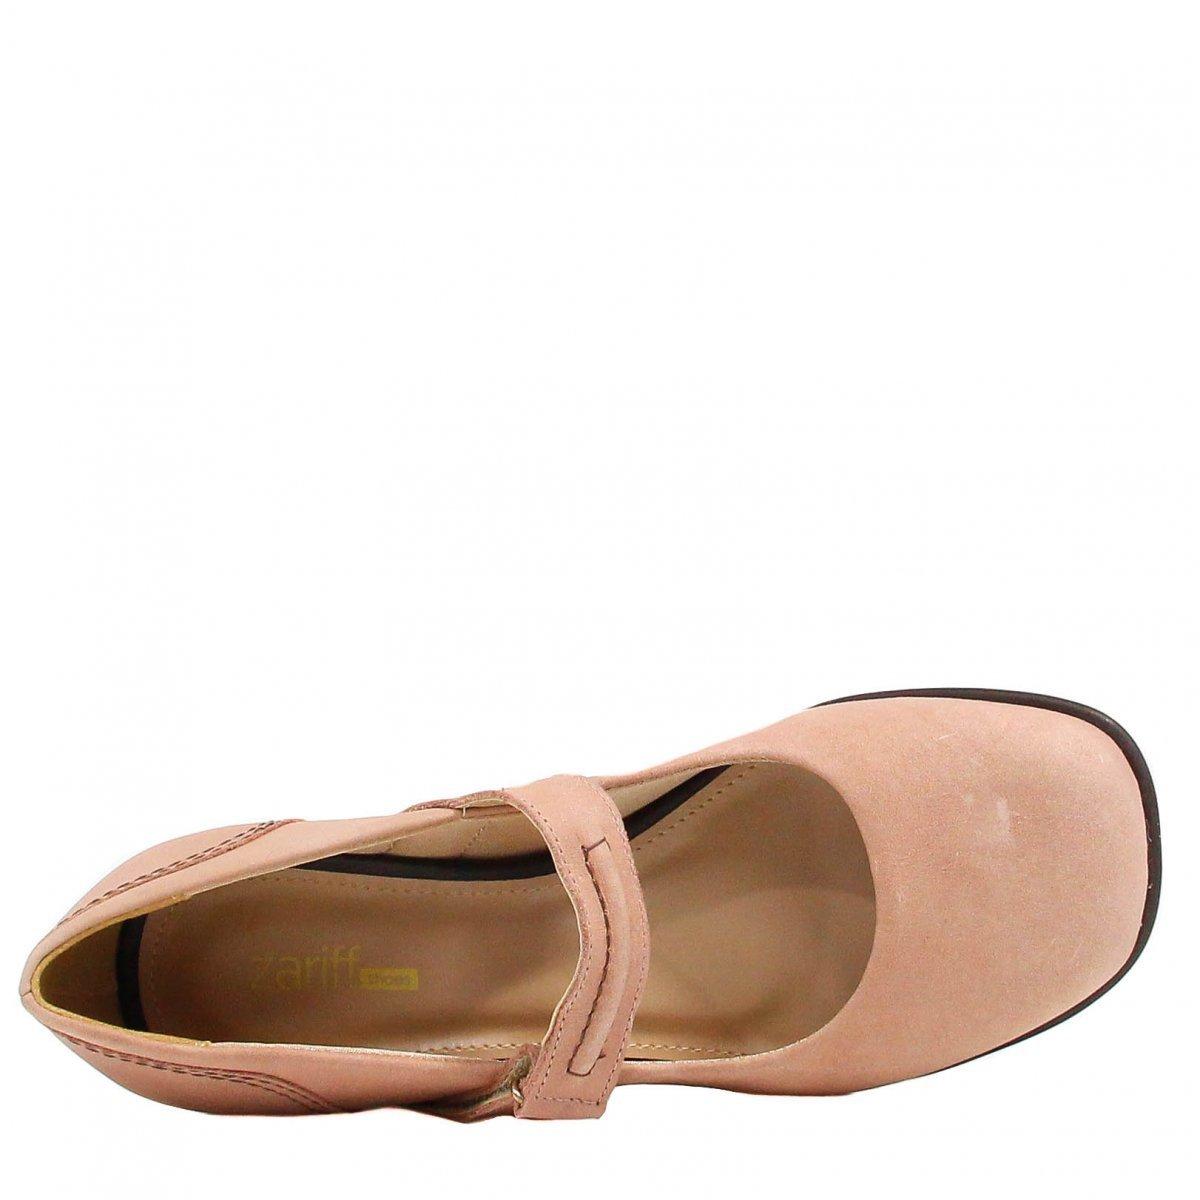 Nude Sapato Zariff Shoes Sapato Scarpin Salto Velcro Salto Zariff Scarpin Shoes vP1qnZxw